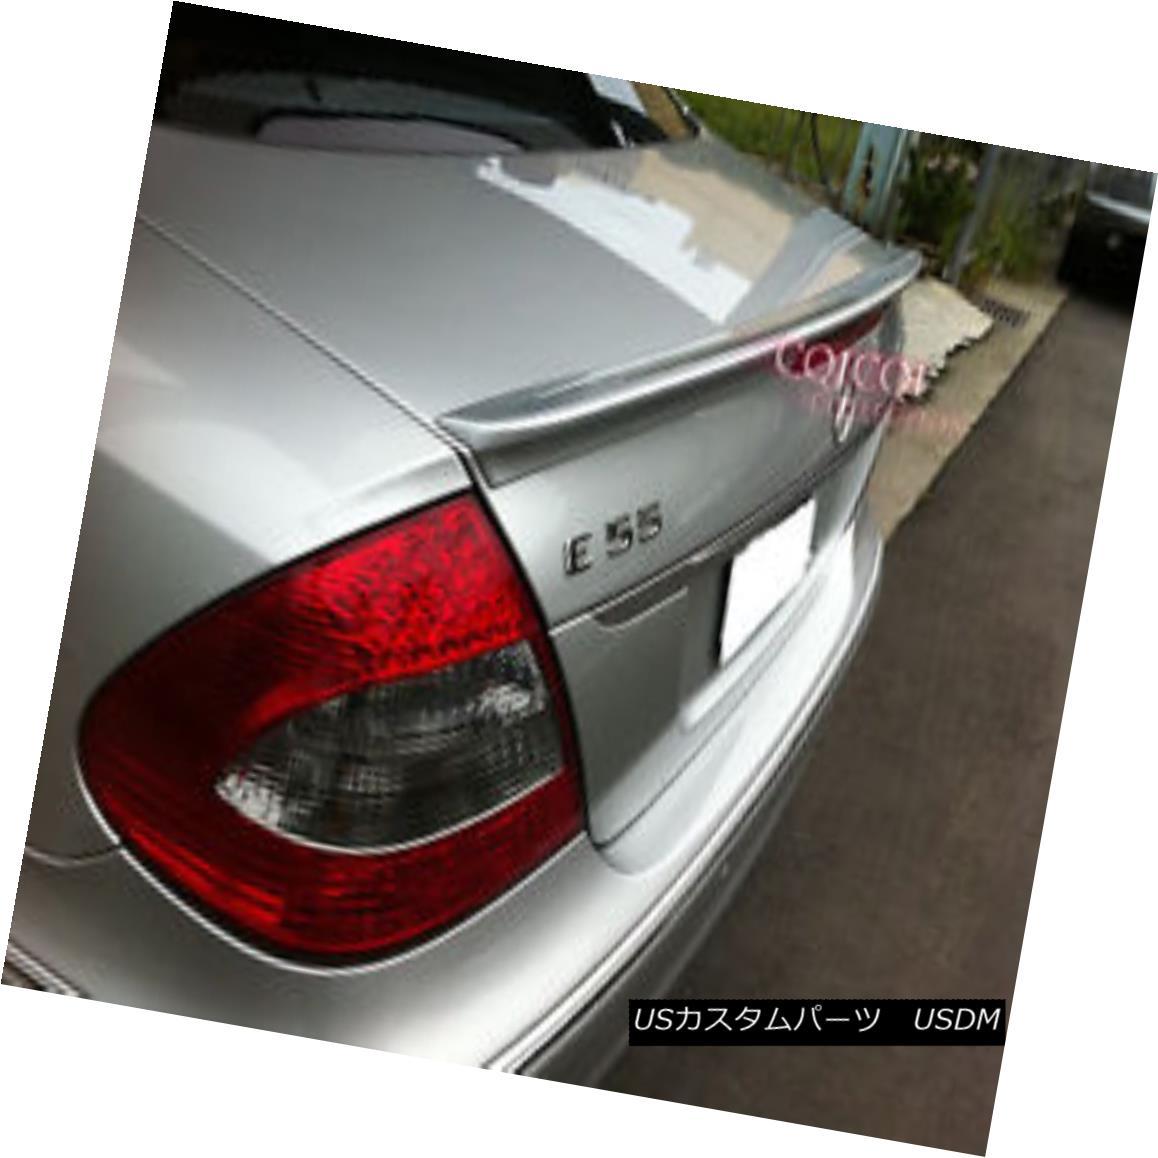 エアロパーツ Painted M-BENZ 03-08 W211 E-class Sedan AMG type trunk spoiler color:723 ◎ ペイントされたMベンツ03-08 W211 EクラスセダンAMGタイプのトランクスポイラーの色:723?